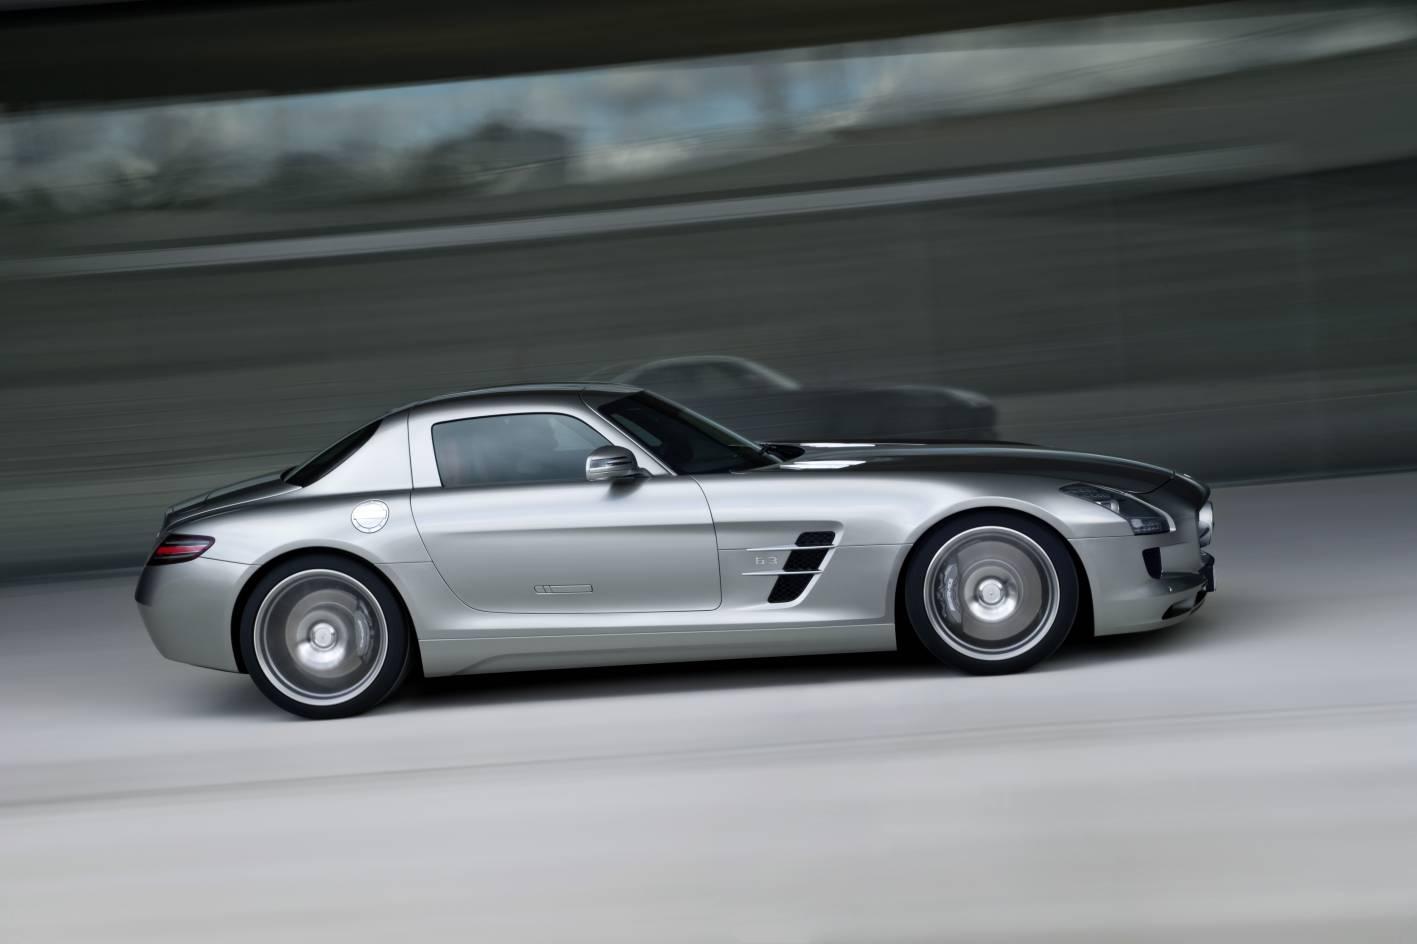 2010 mercedes benz sls amg 09 4b77a5e1eb9a1 Mercedes Benz SLS 63 AMG